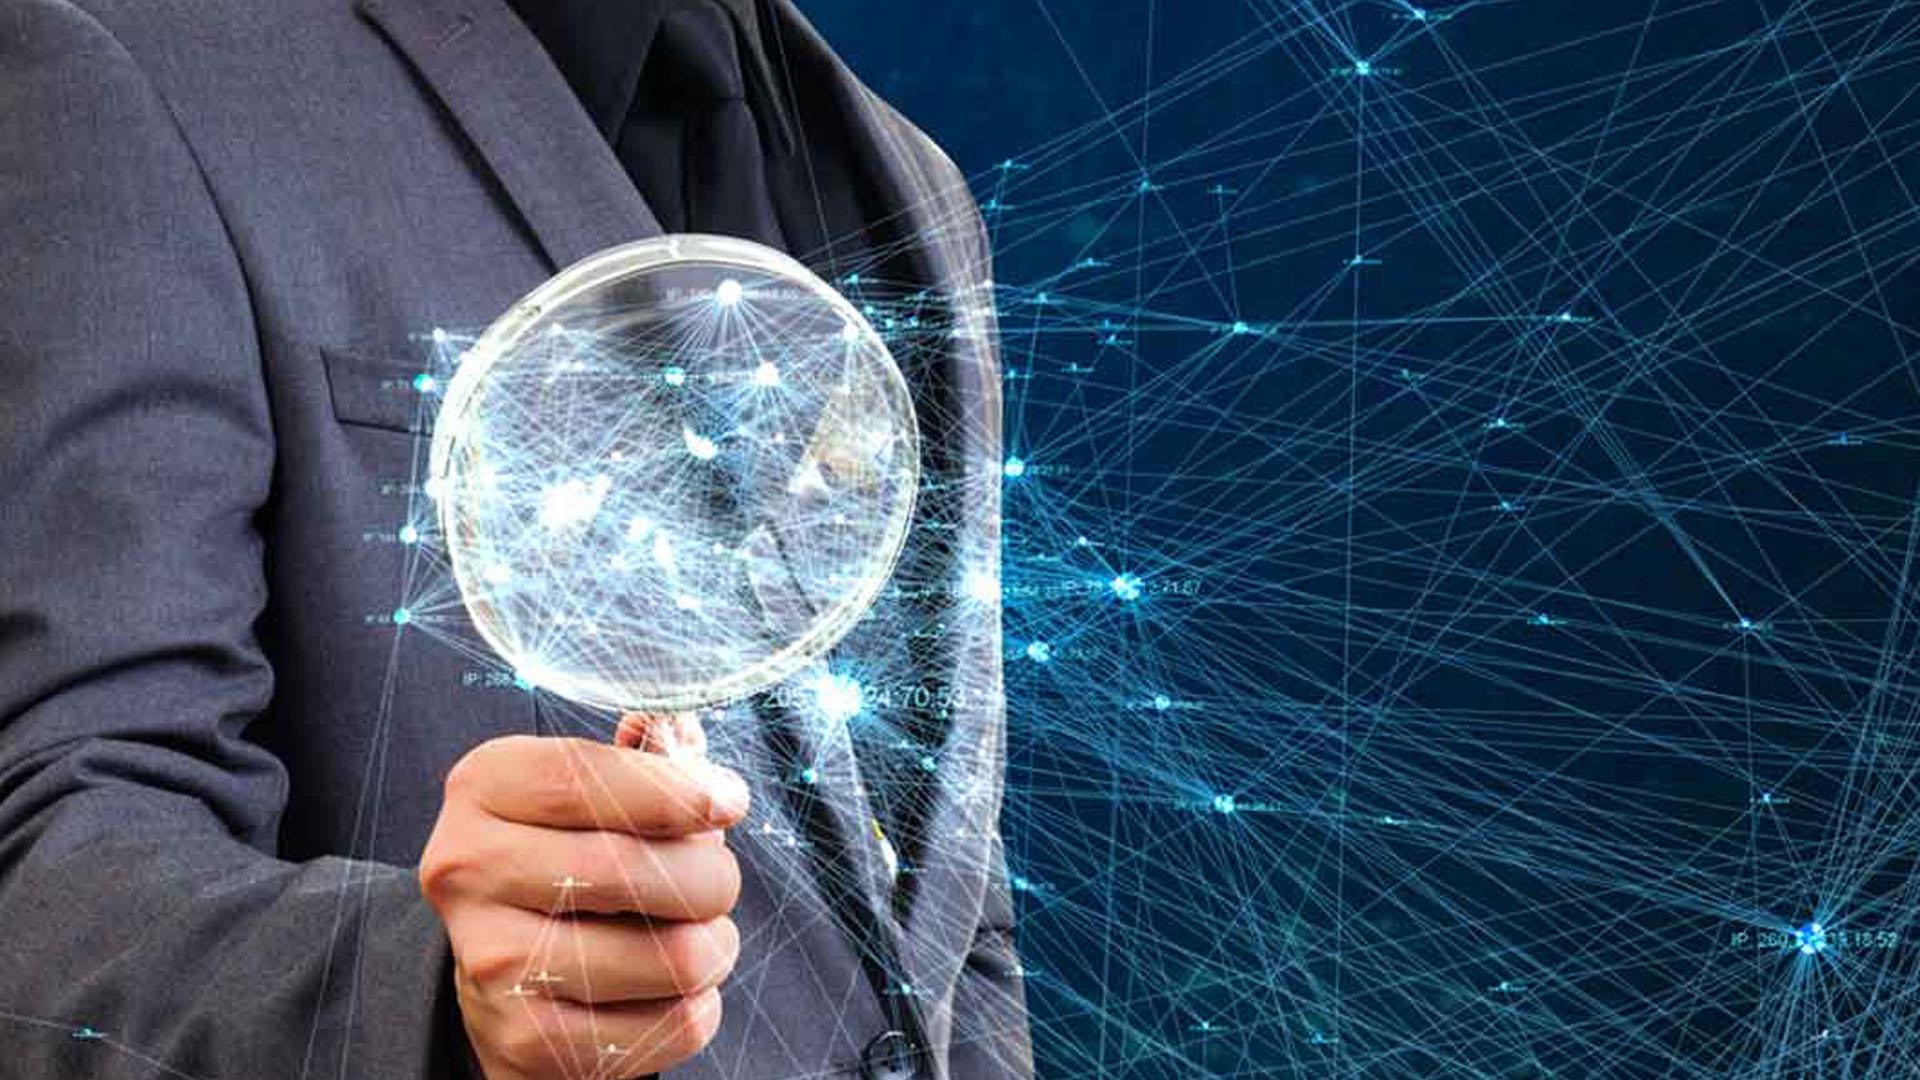 artificial vision La visión artificial o visión por computador es una disciplina científica que incluye métodos para adquirir, procesar, analizar y comprender las imágenes del.